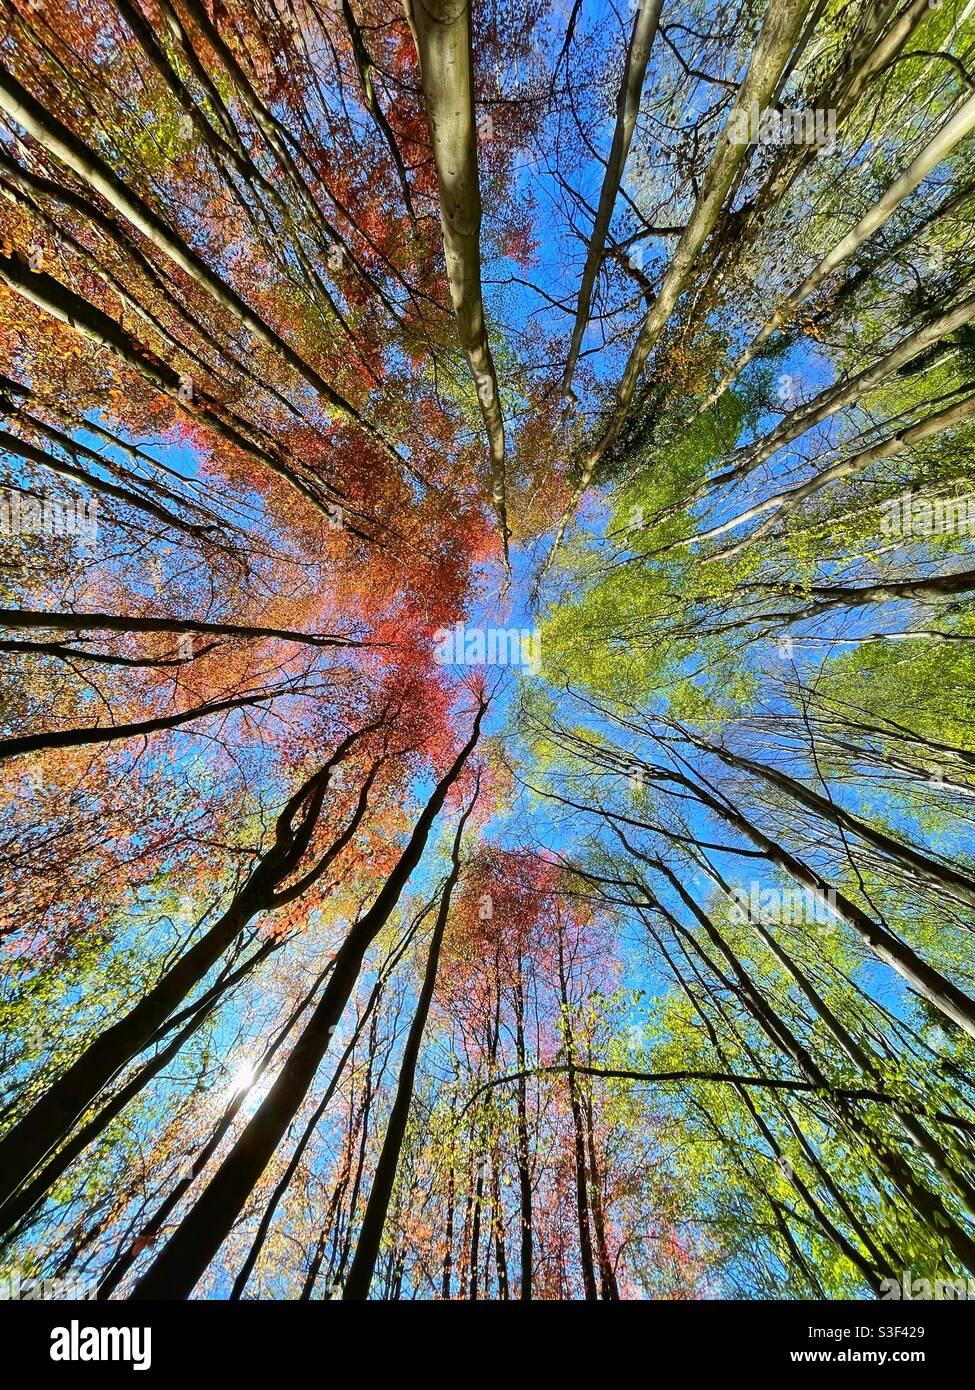 Freschi faggi verdi e faggi di rame che raggiungono un cielo di primavera blu. Foto Stock